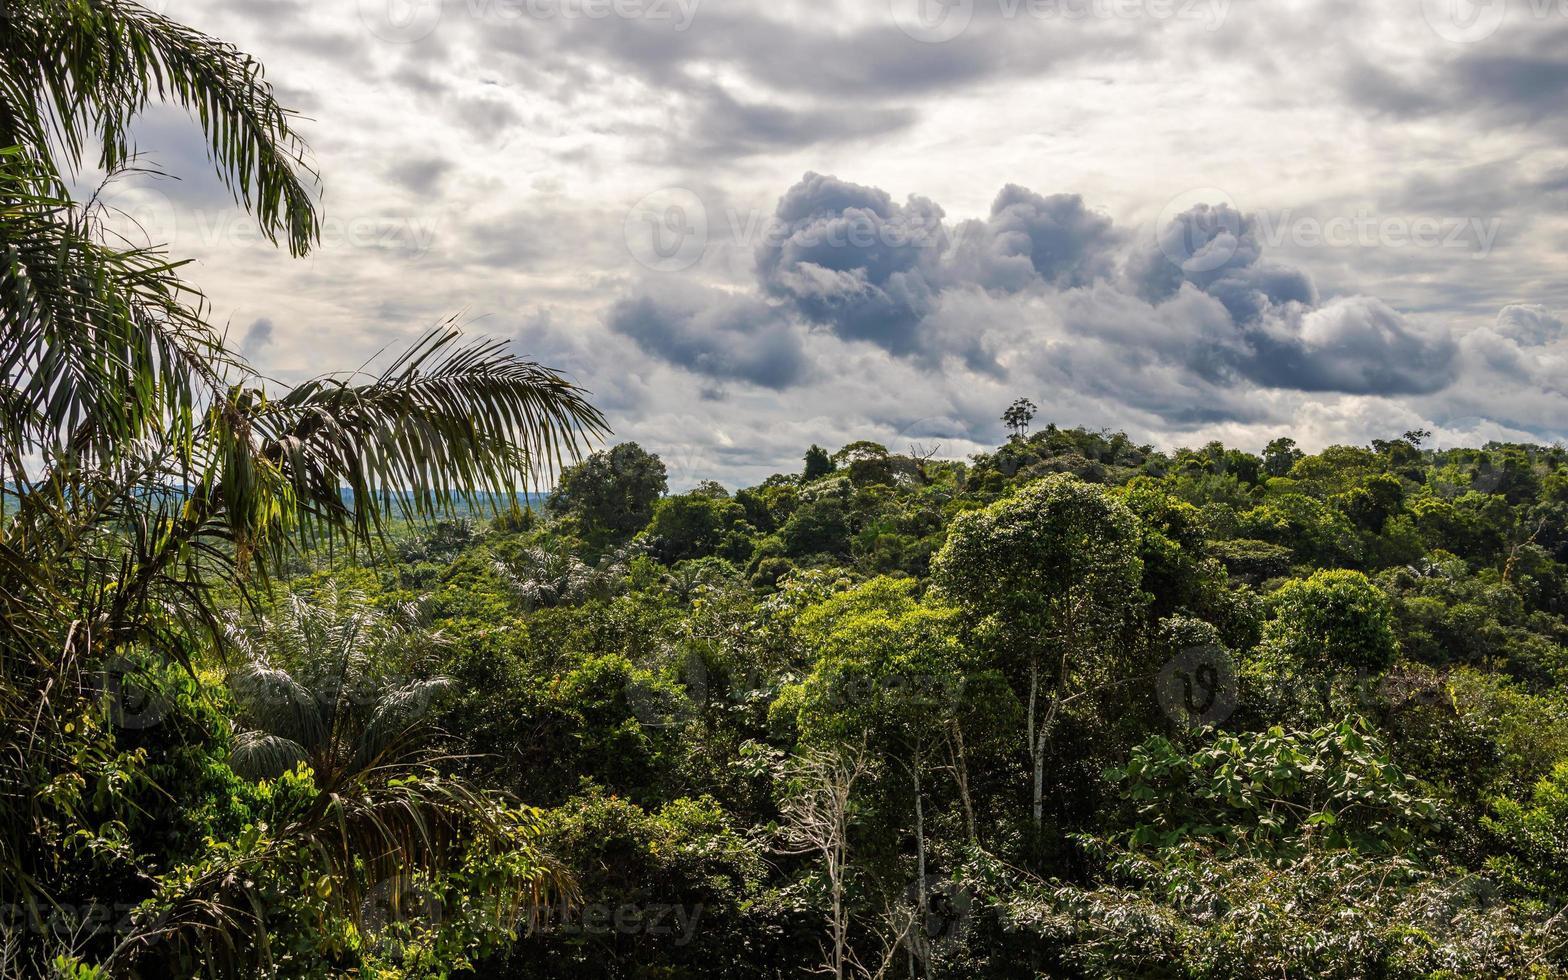 paisagem da selva na reserva de vida selvagem cuyabeno. foto